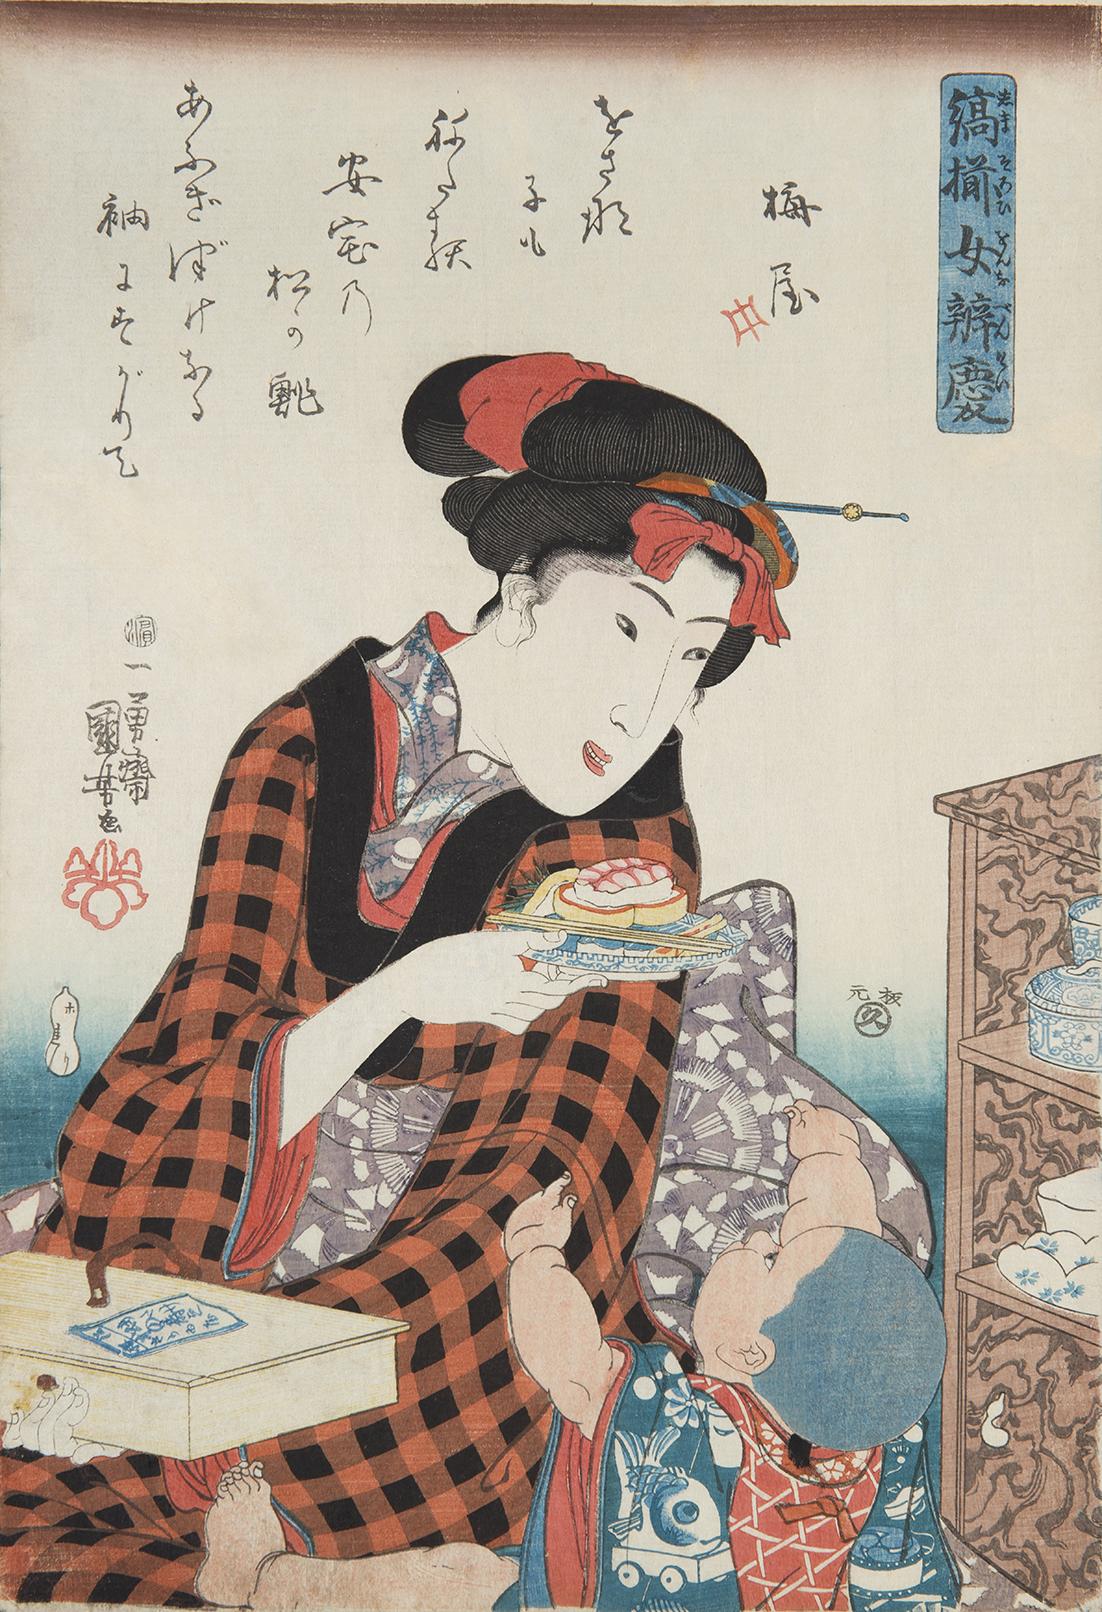 《縞揃女弁慶 松の鮨》歌川国芳、味の素食の文化センター蔵、通期